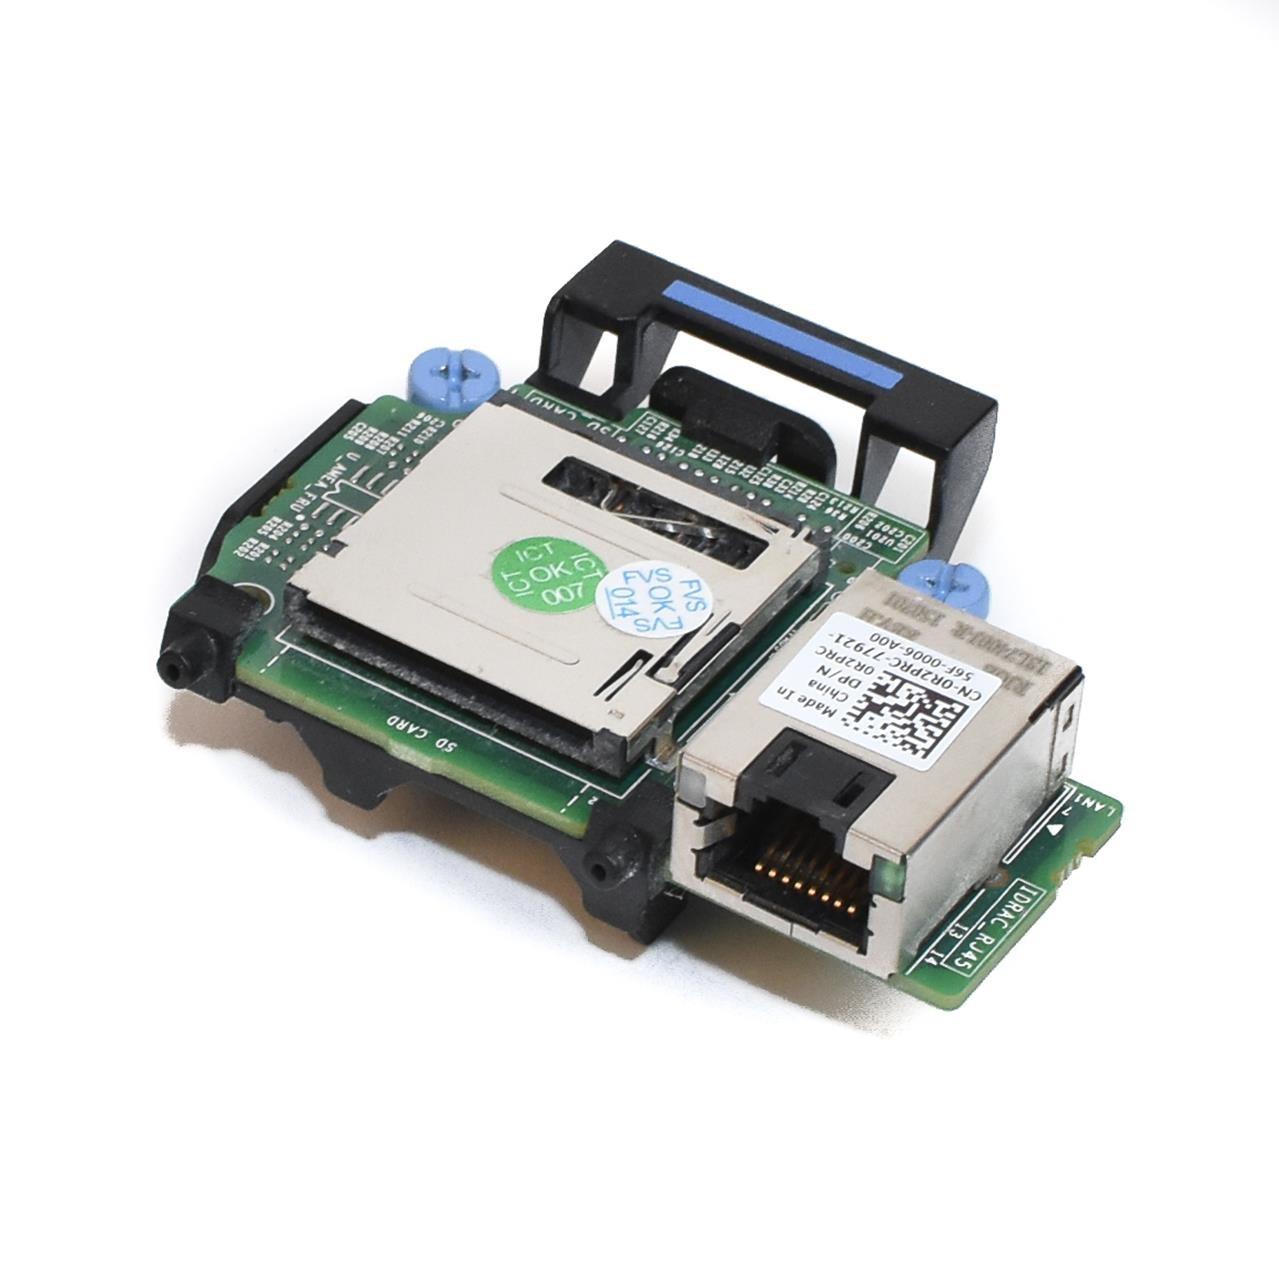 DELL R2PRC iDRAC8 Enterprise Remote Access Card for